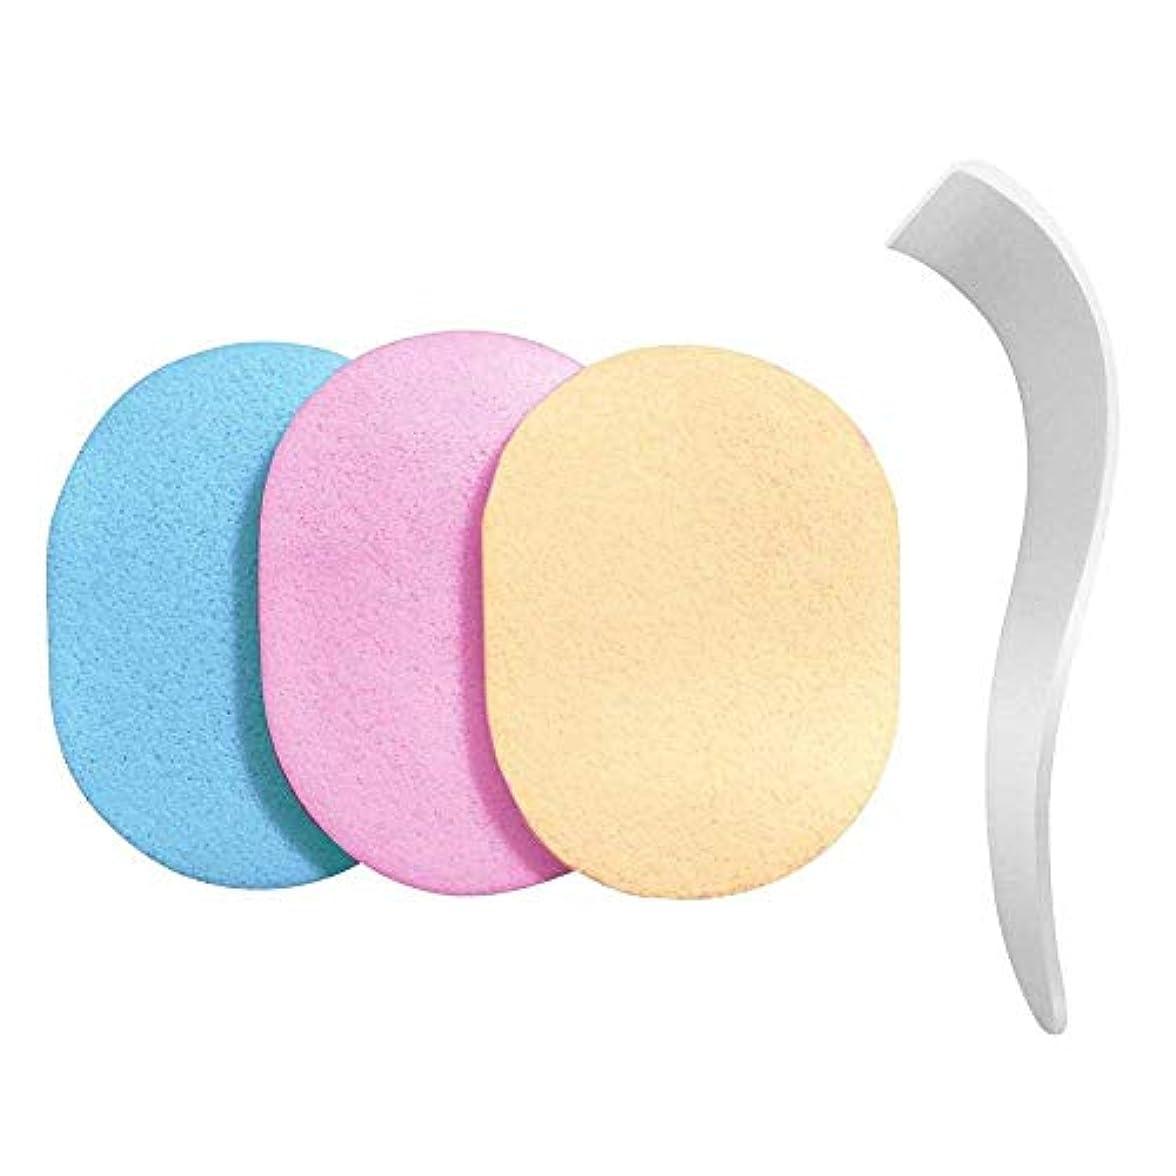 きらめき儀式誇張Simg 専用ヘラ スポンジ 洗って使える 3色セット 除毛クリーム専用 メンズ レディース【除毛用】